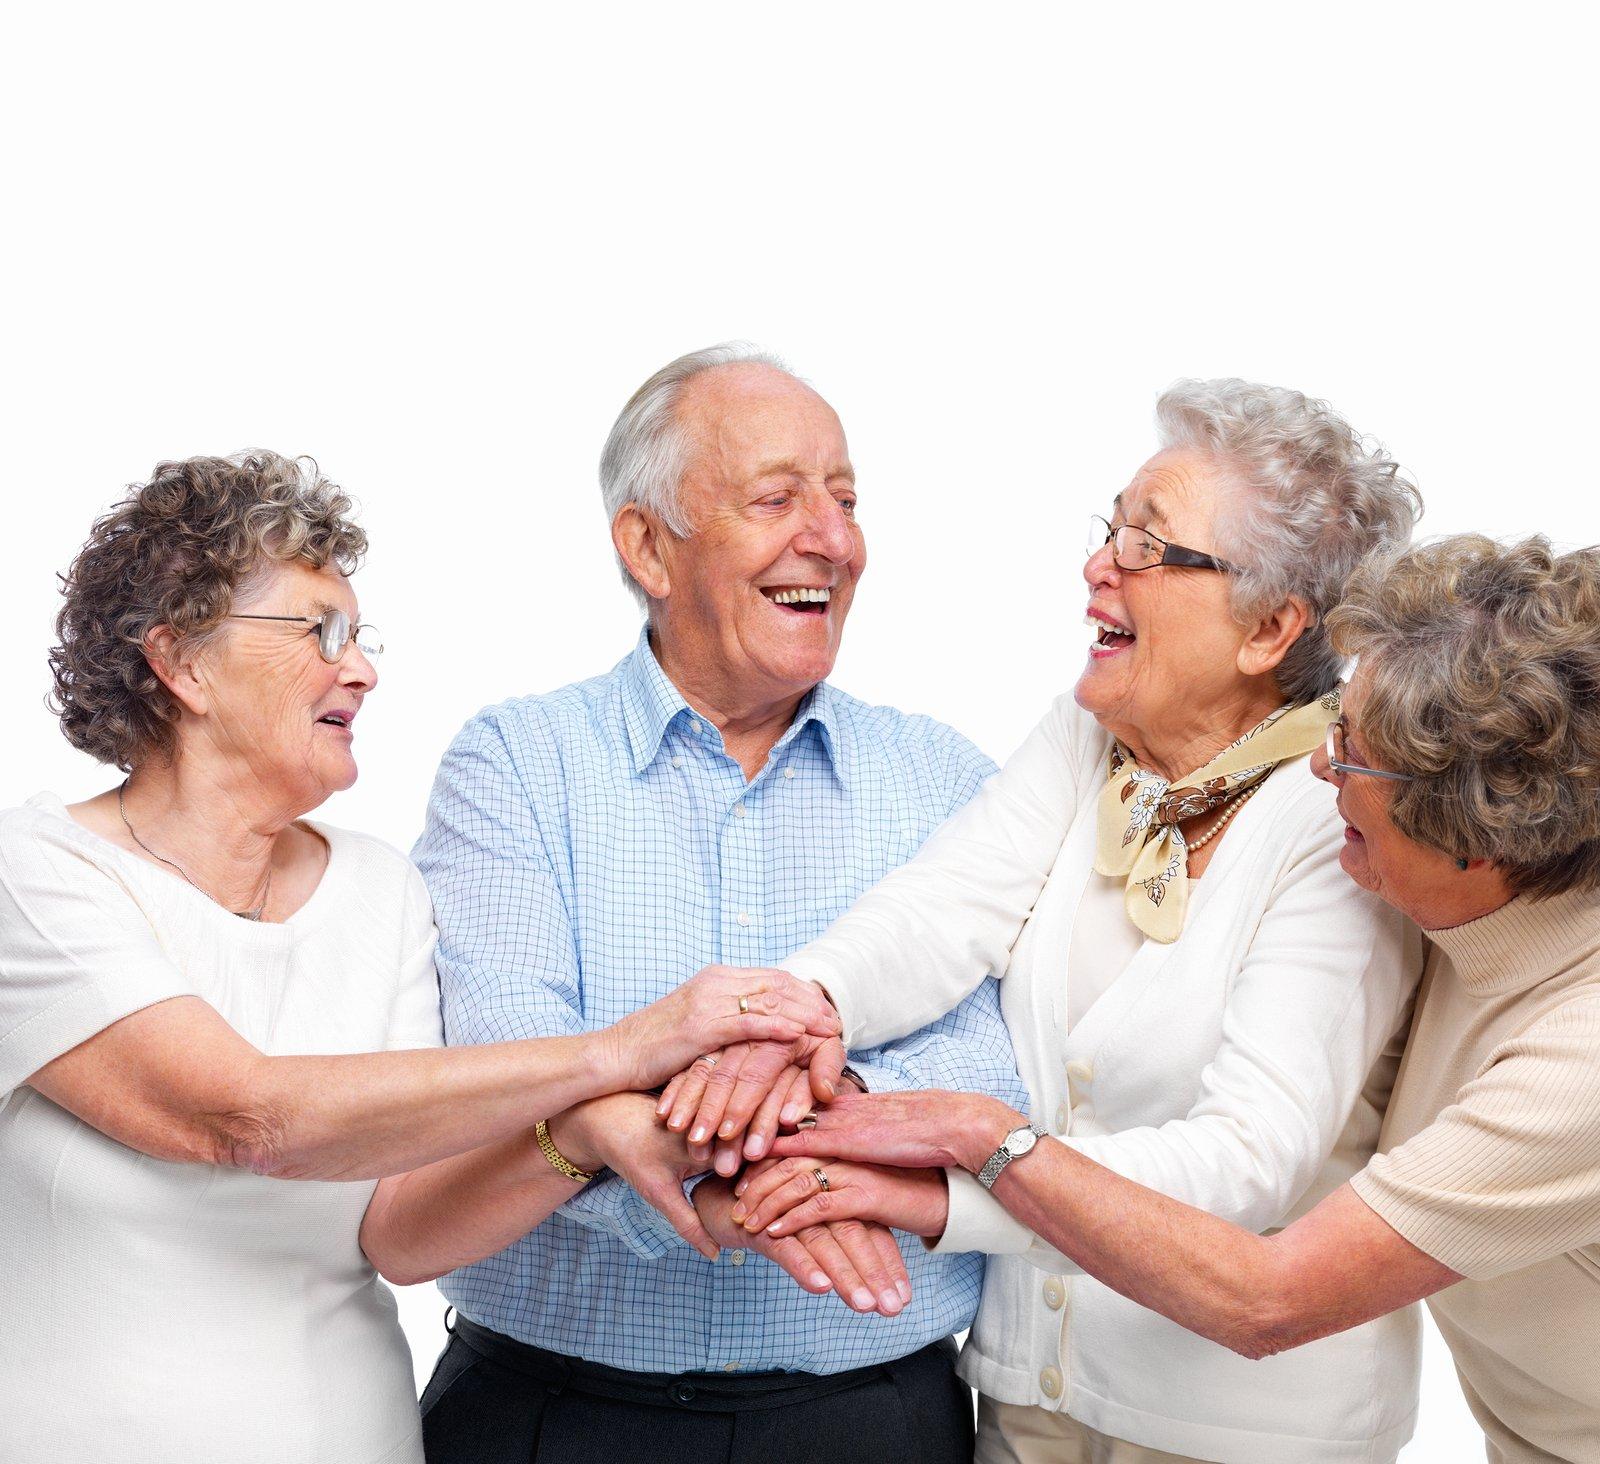 Картинки или фото с пожилыми людьми моховики